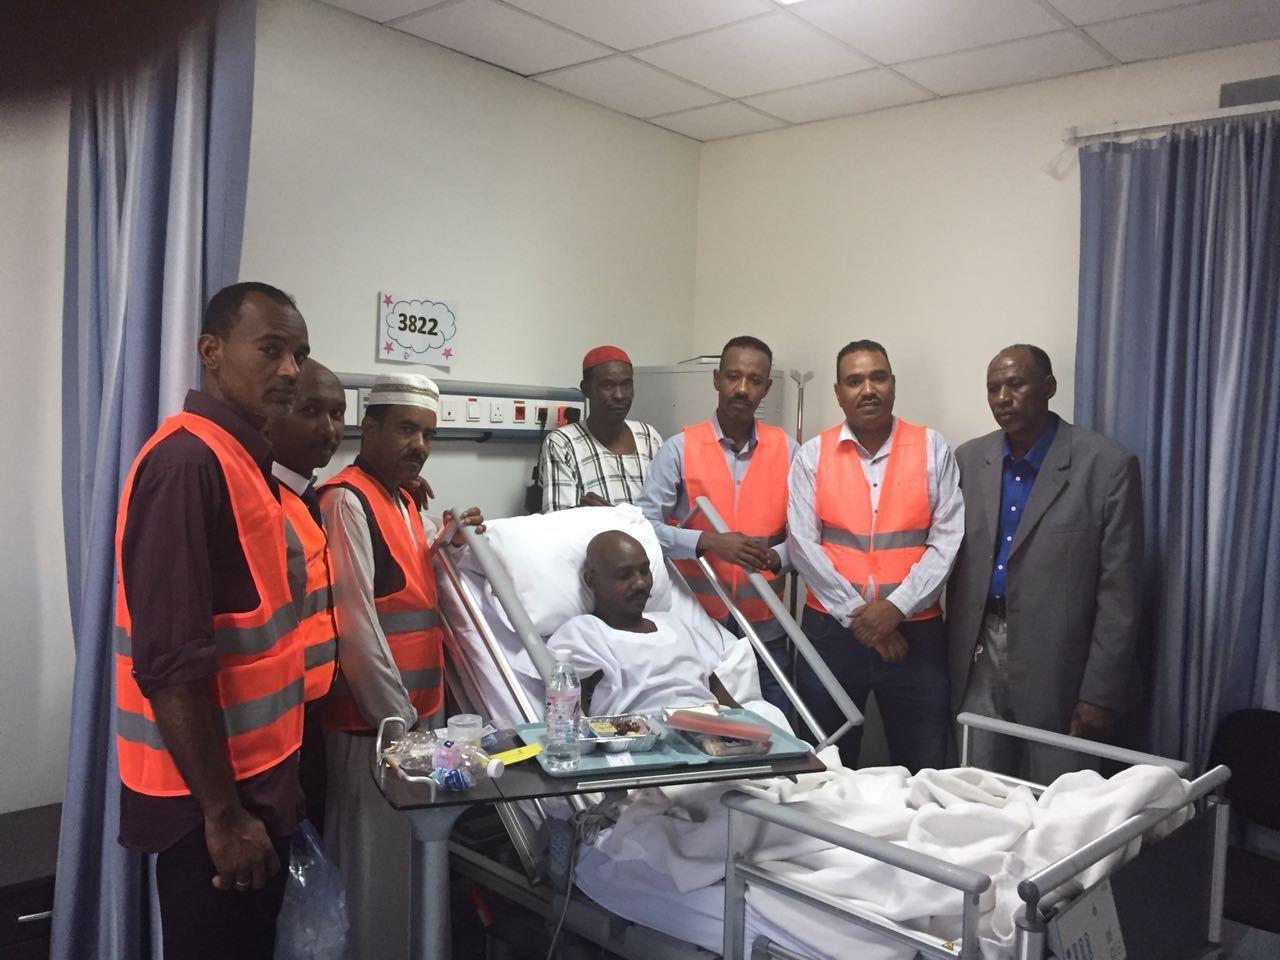 سفارة السودان بالرياض تتكفل بنقل مواطن مصاب عبر سودانير الى الخرطوم